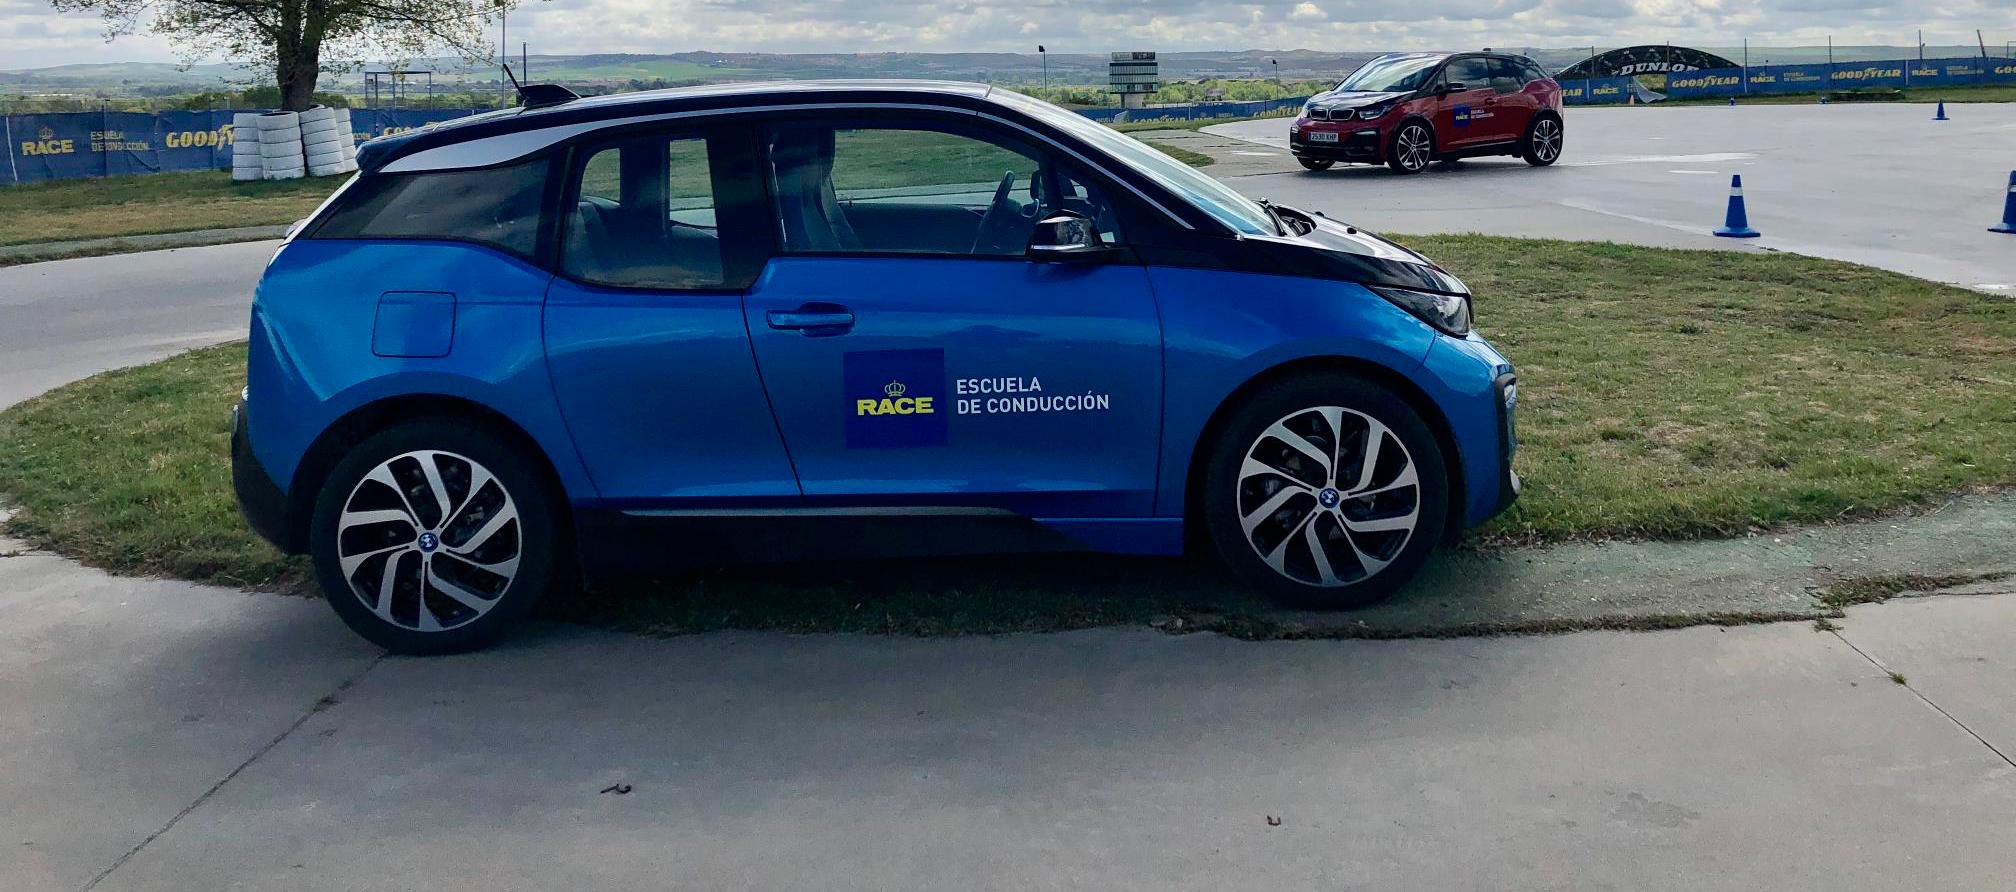 BMW i3 protagonista de los cursos para vehículos eléctricos del RACE